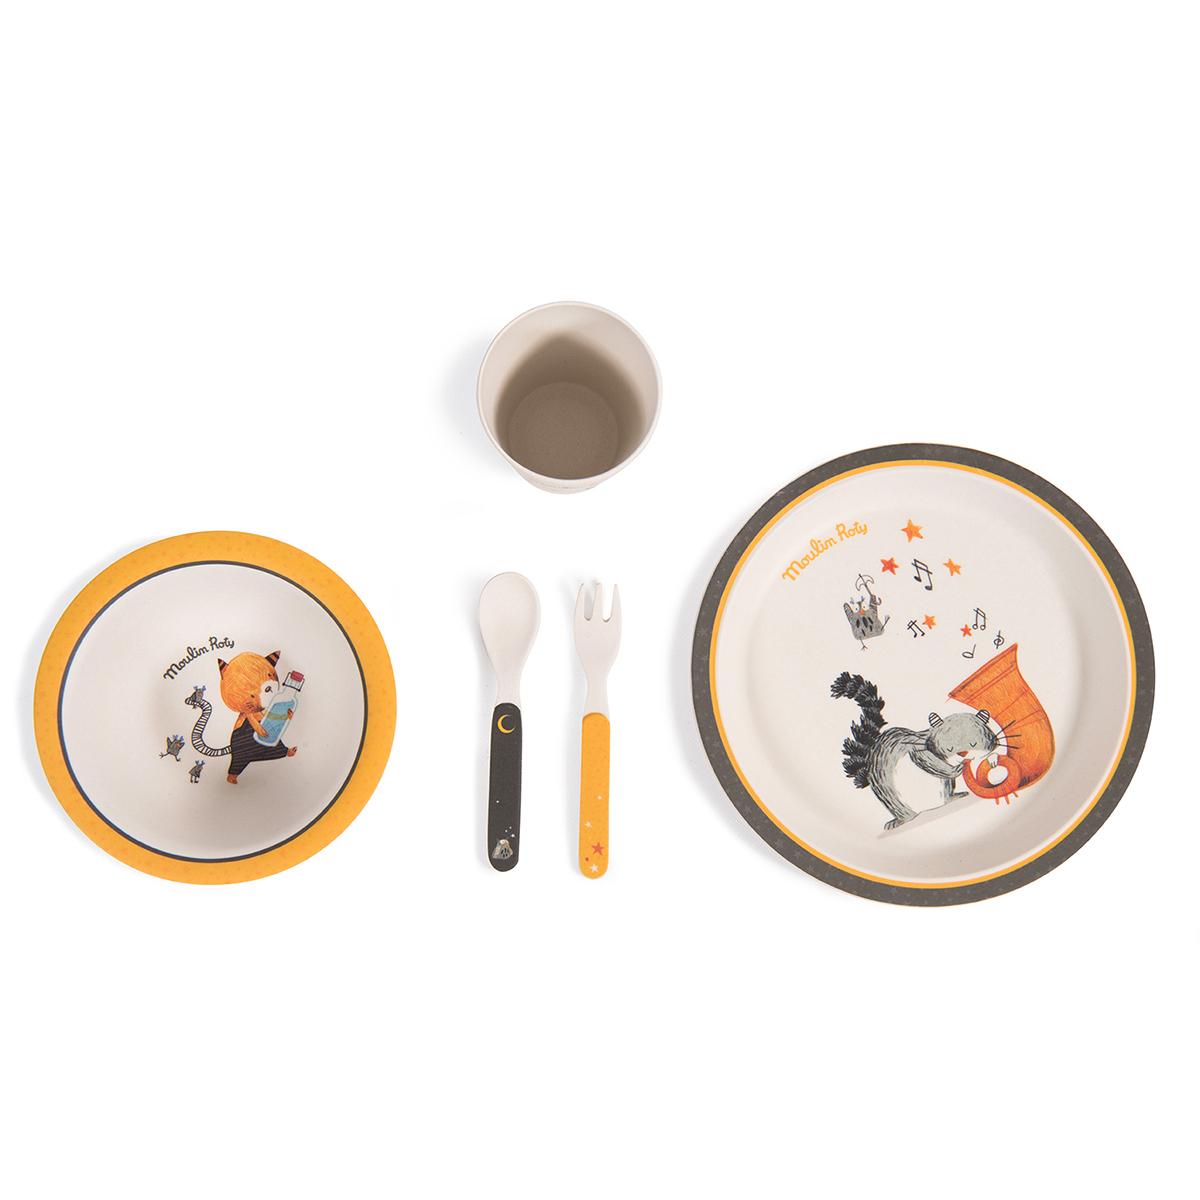 Coffret repas Set Vaisselle 5 Pièces Bambou - Les Moustaches Set Vaisselle 5 Pièces Bambou - Les Moustaches